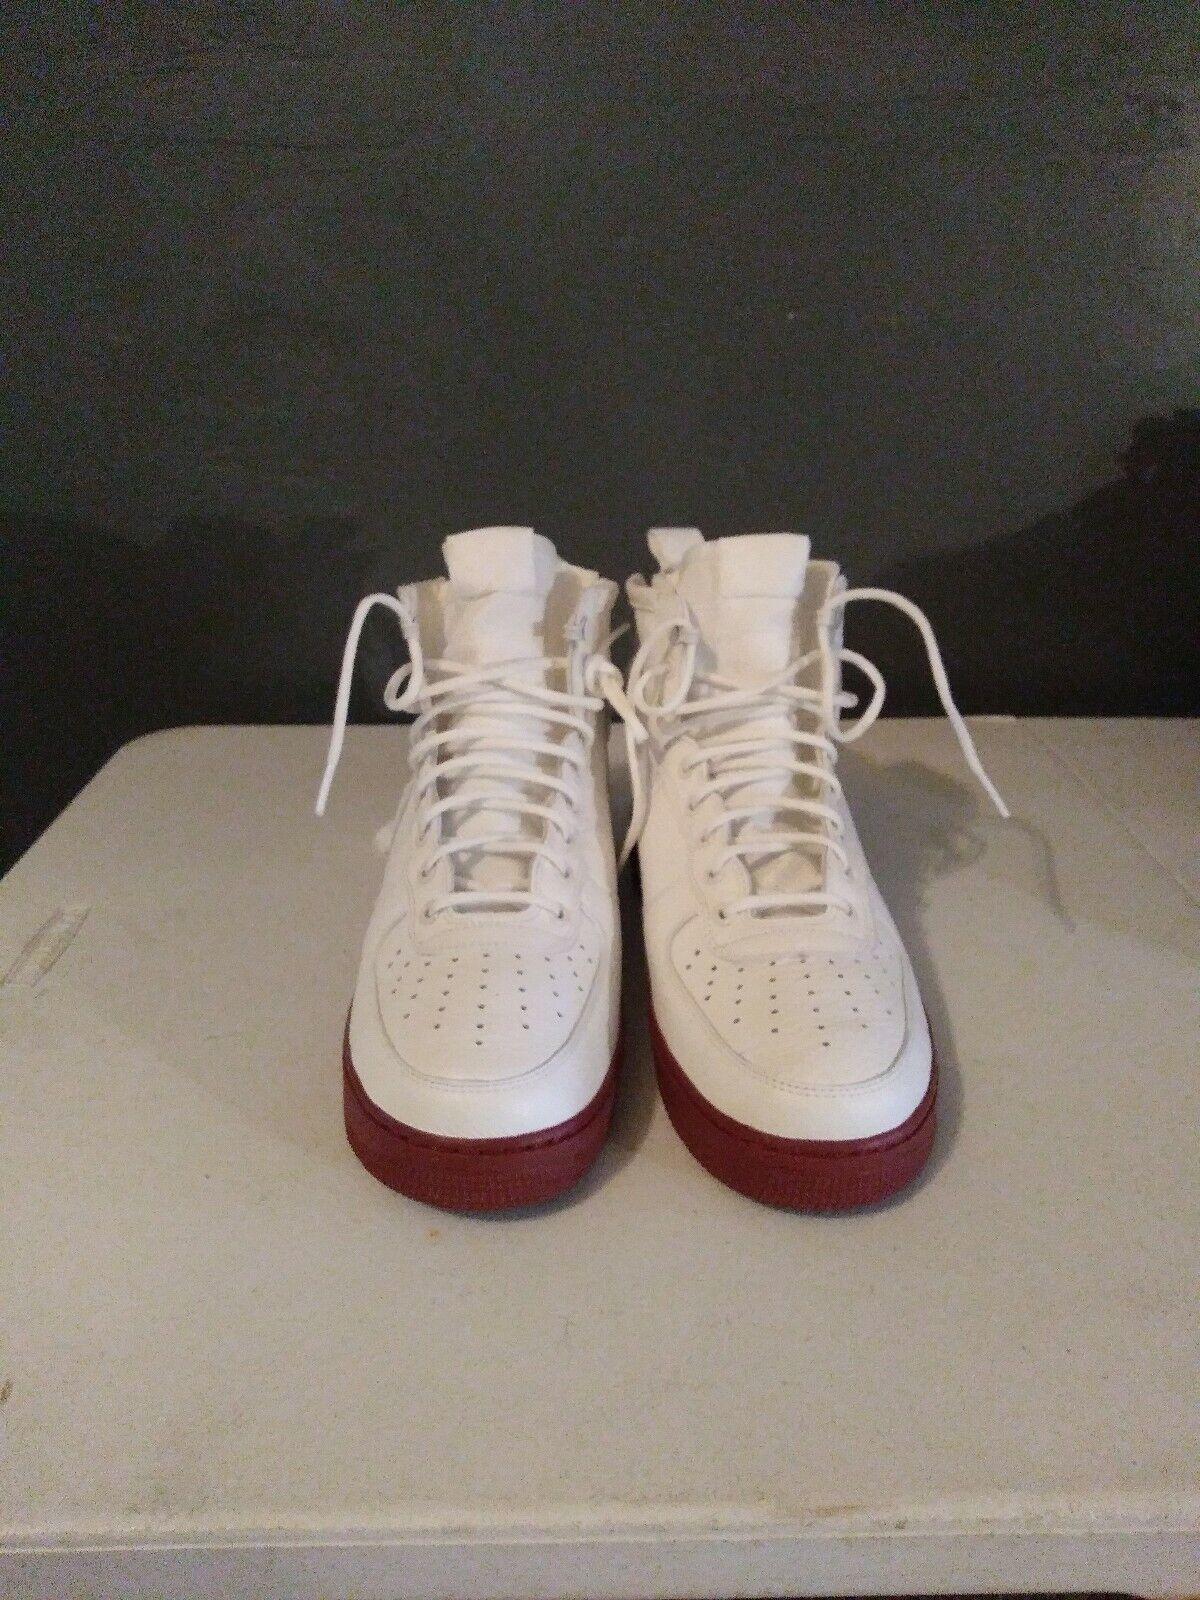 SF AF1 Mid zapatos Mens nosotros tamaño 11 condición nunca usado antes de perfecto 10 10